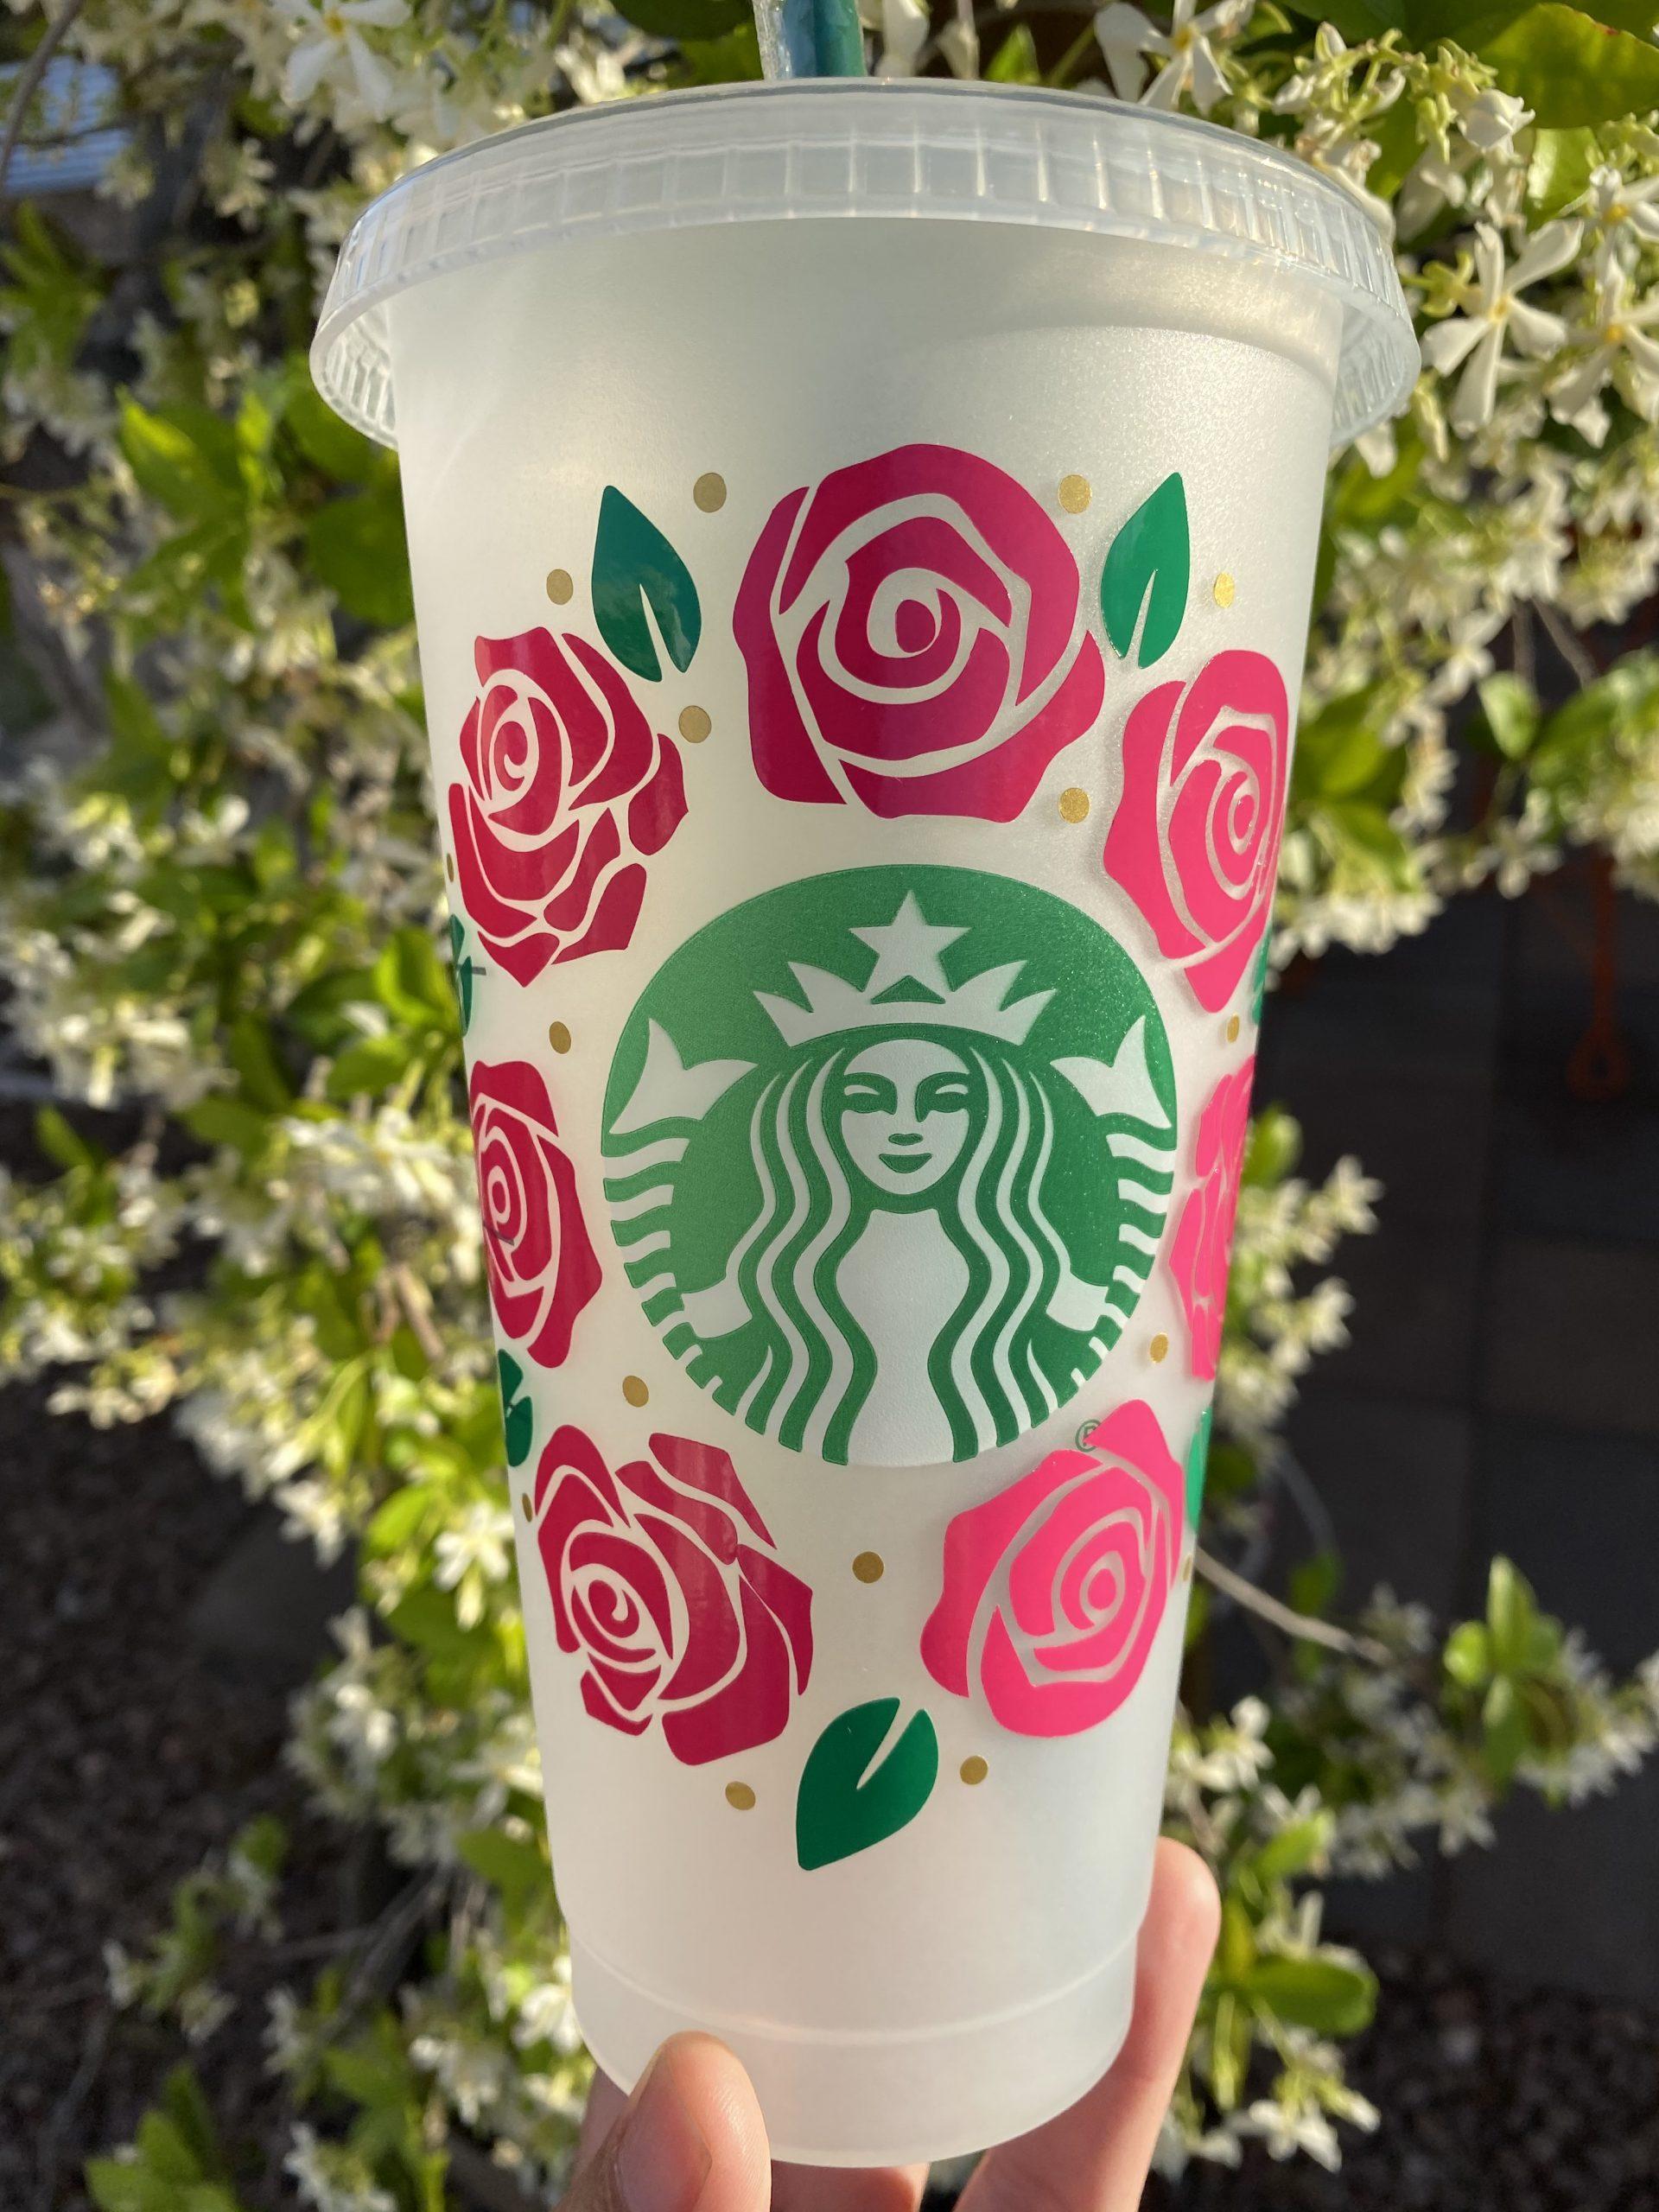 Mother S Day Starbucks Cup Vaso De Starbucks Para El Dia De La Madre Cheeky Minds